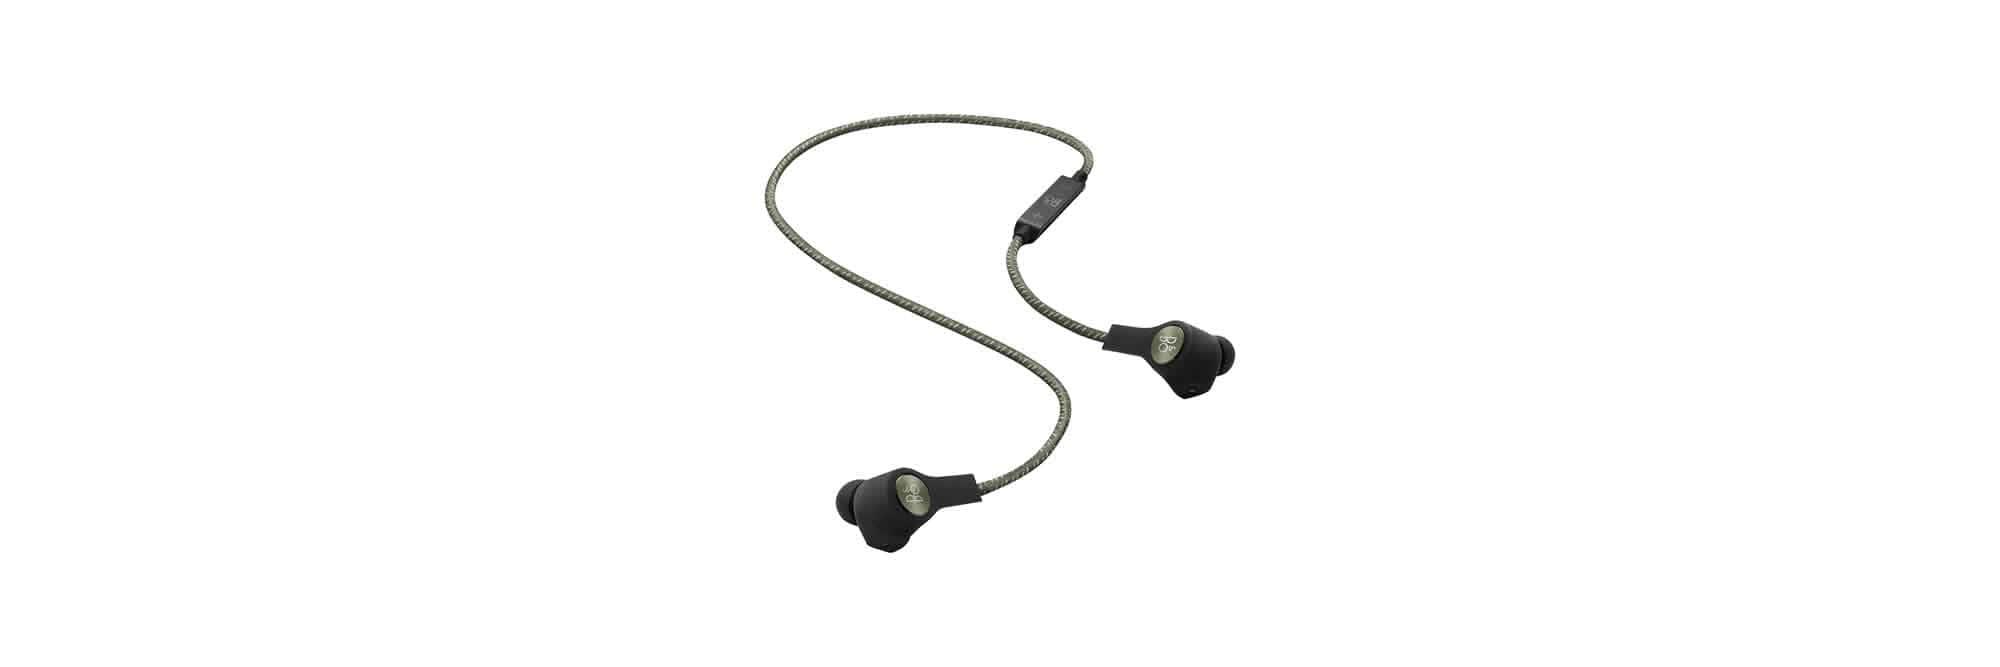 In-Ear Headphones Quiz